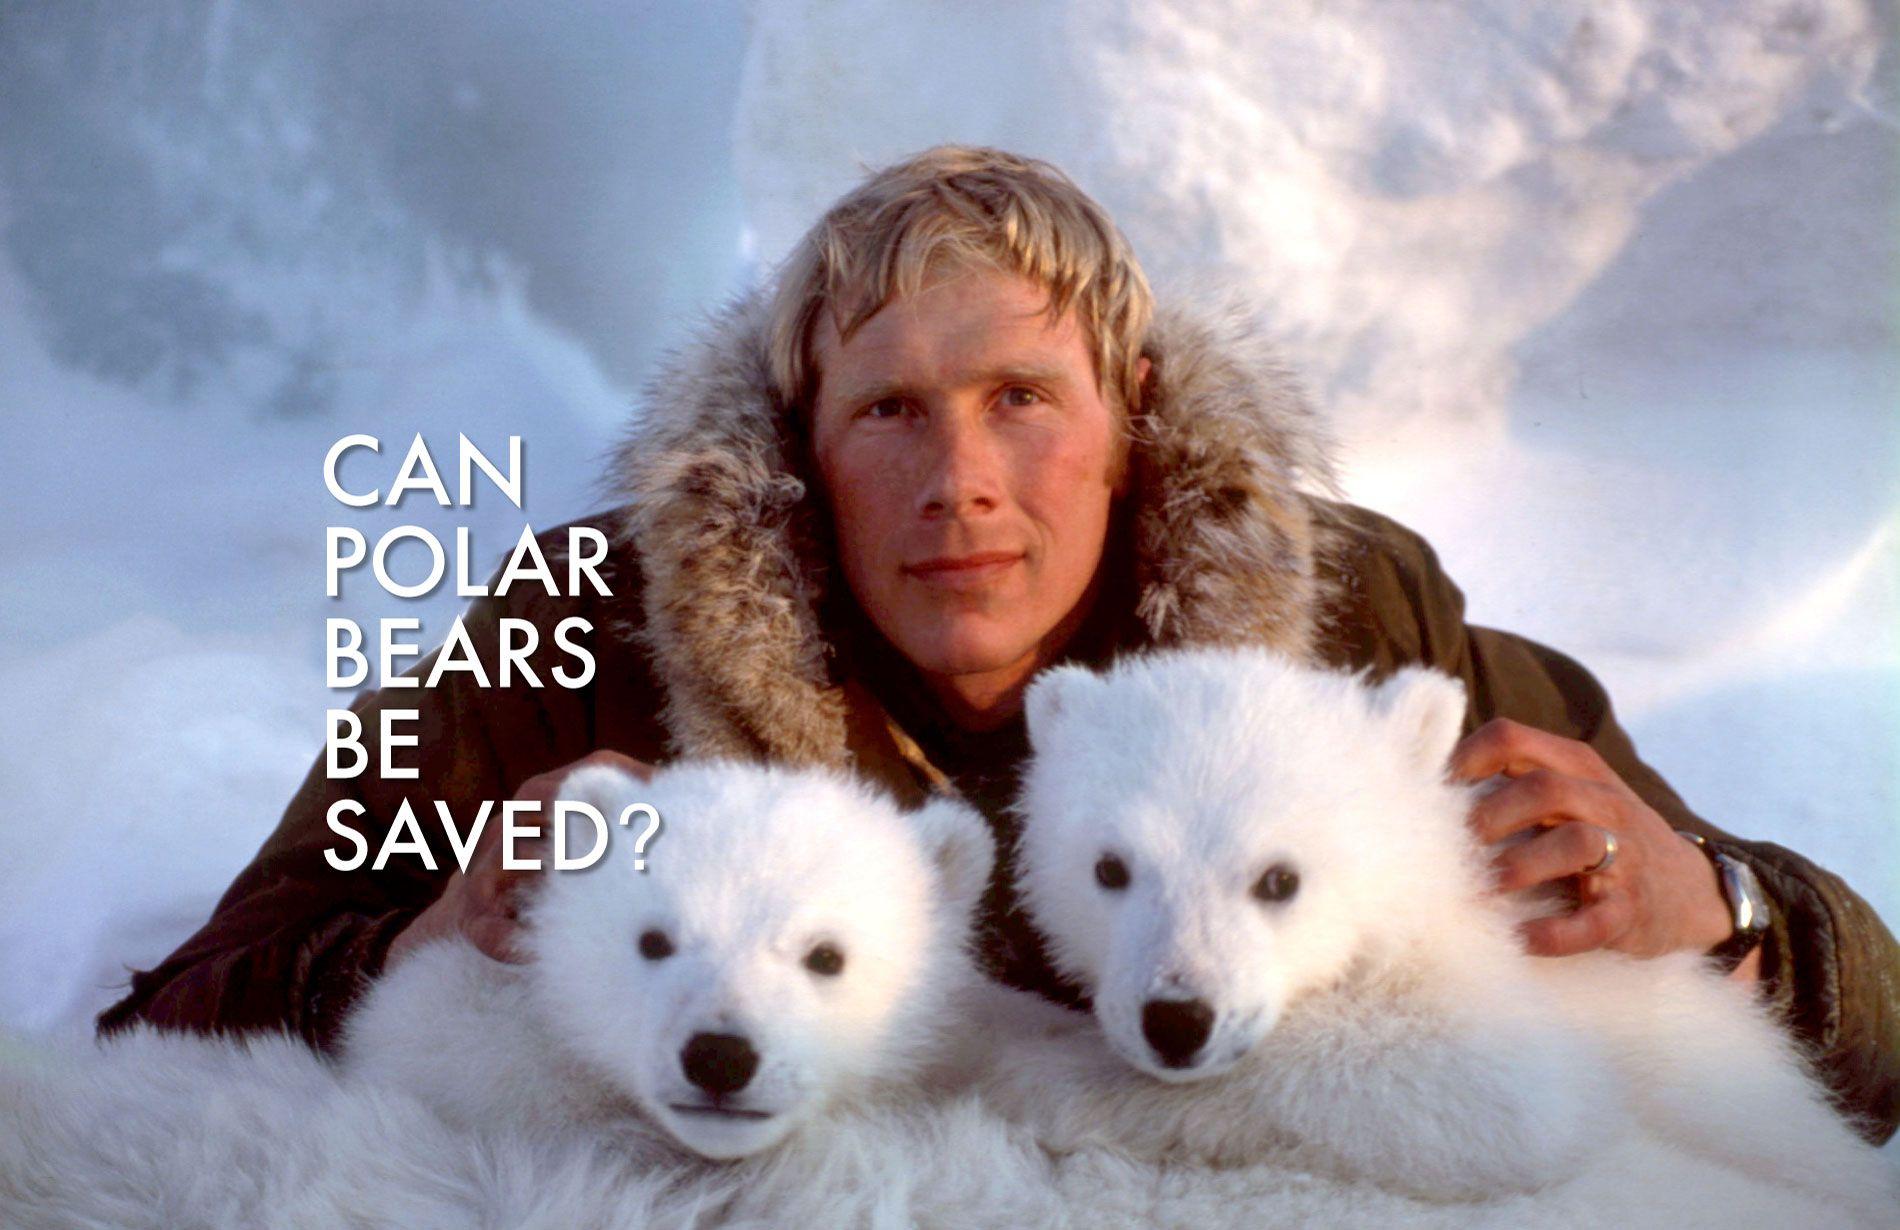 Dr. Steve Amstrup with cubs and GillSans | Polar bear, Bear, Polar bears  international